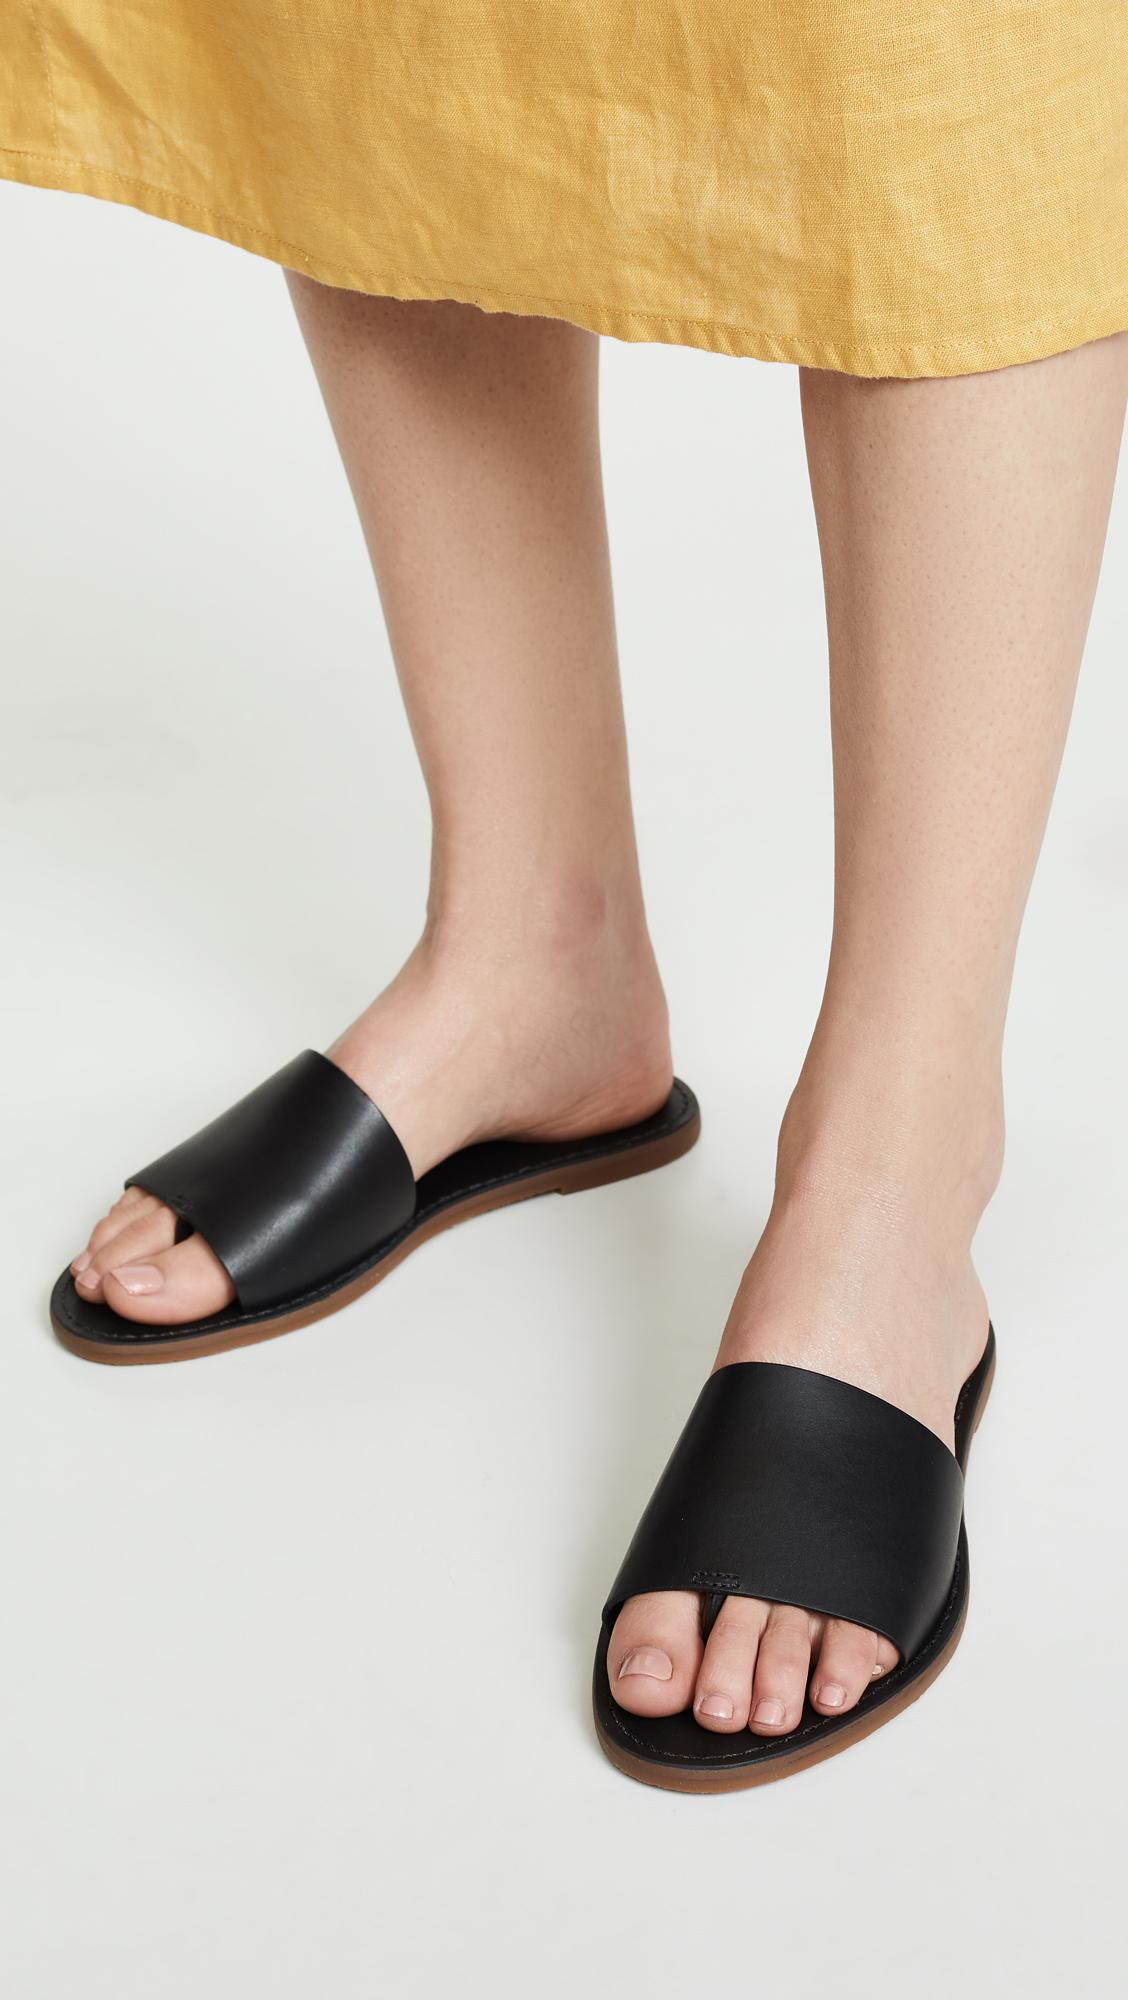 b62c3f1d15d2 Madewell - Black The Boardwalk Post Slide Sandals - Lyst. View fullscreen